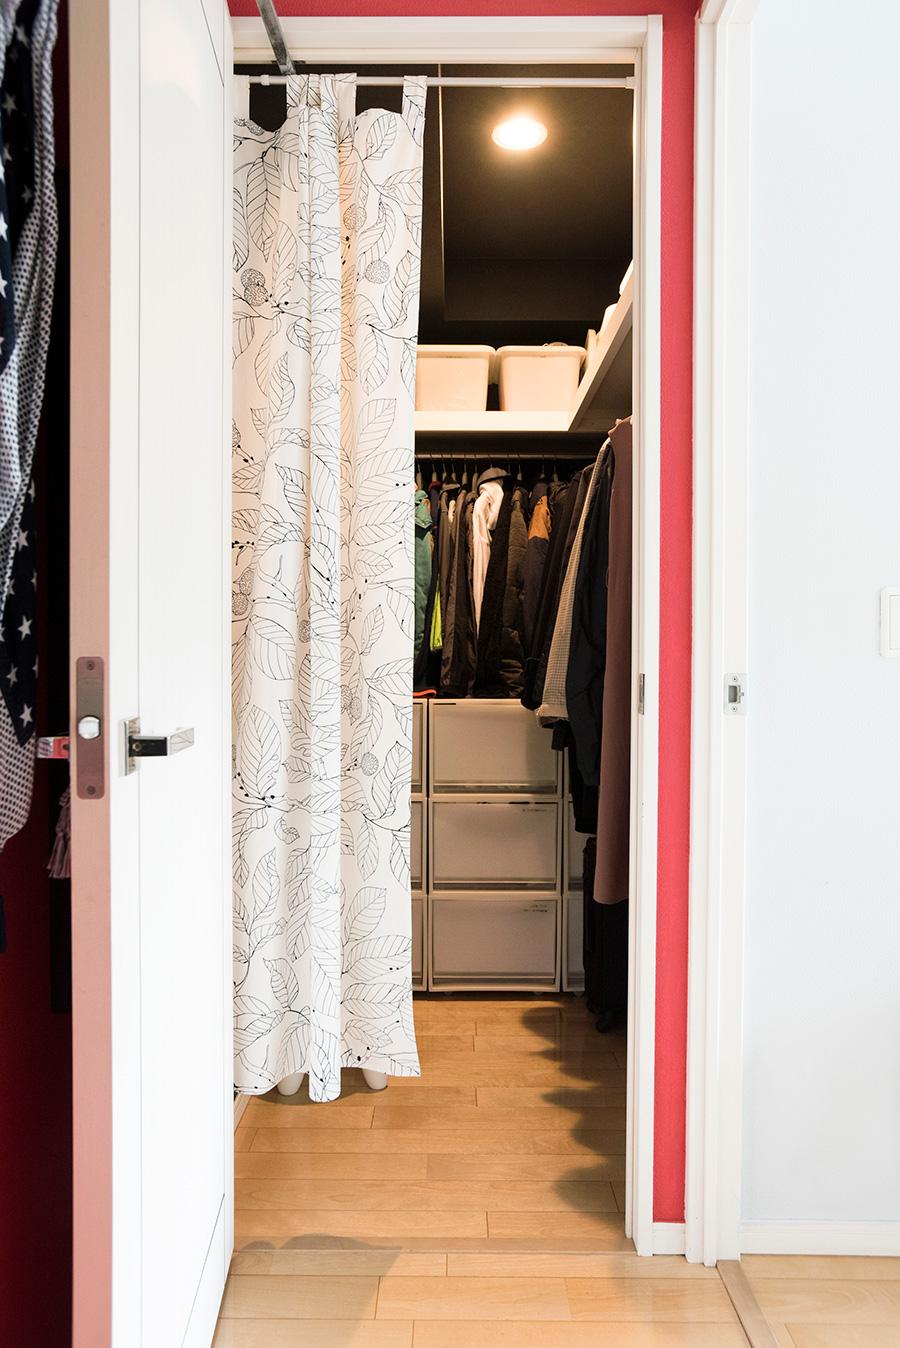 ウォークインクローゼットは、家族全員で使えるように、個室側だったドアを廊下側に移してもらった。通気のためドアを開けておきたいので、内側にカーテンを設置。